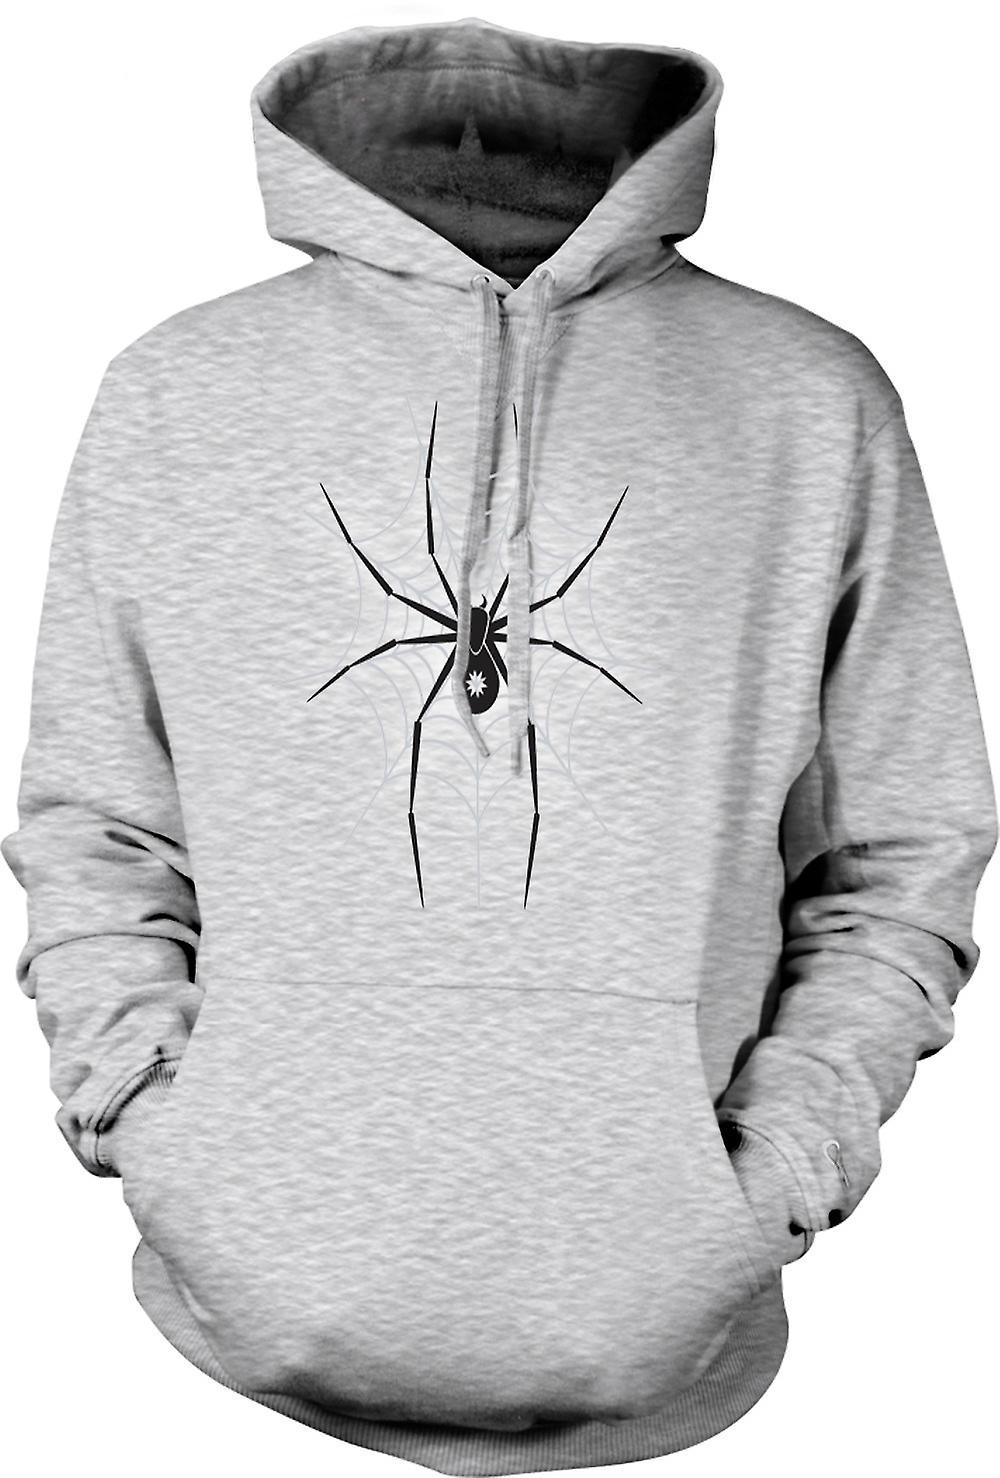 Mens Hoodie - Arachnid Love  Widow